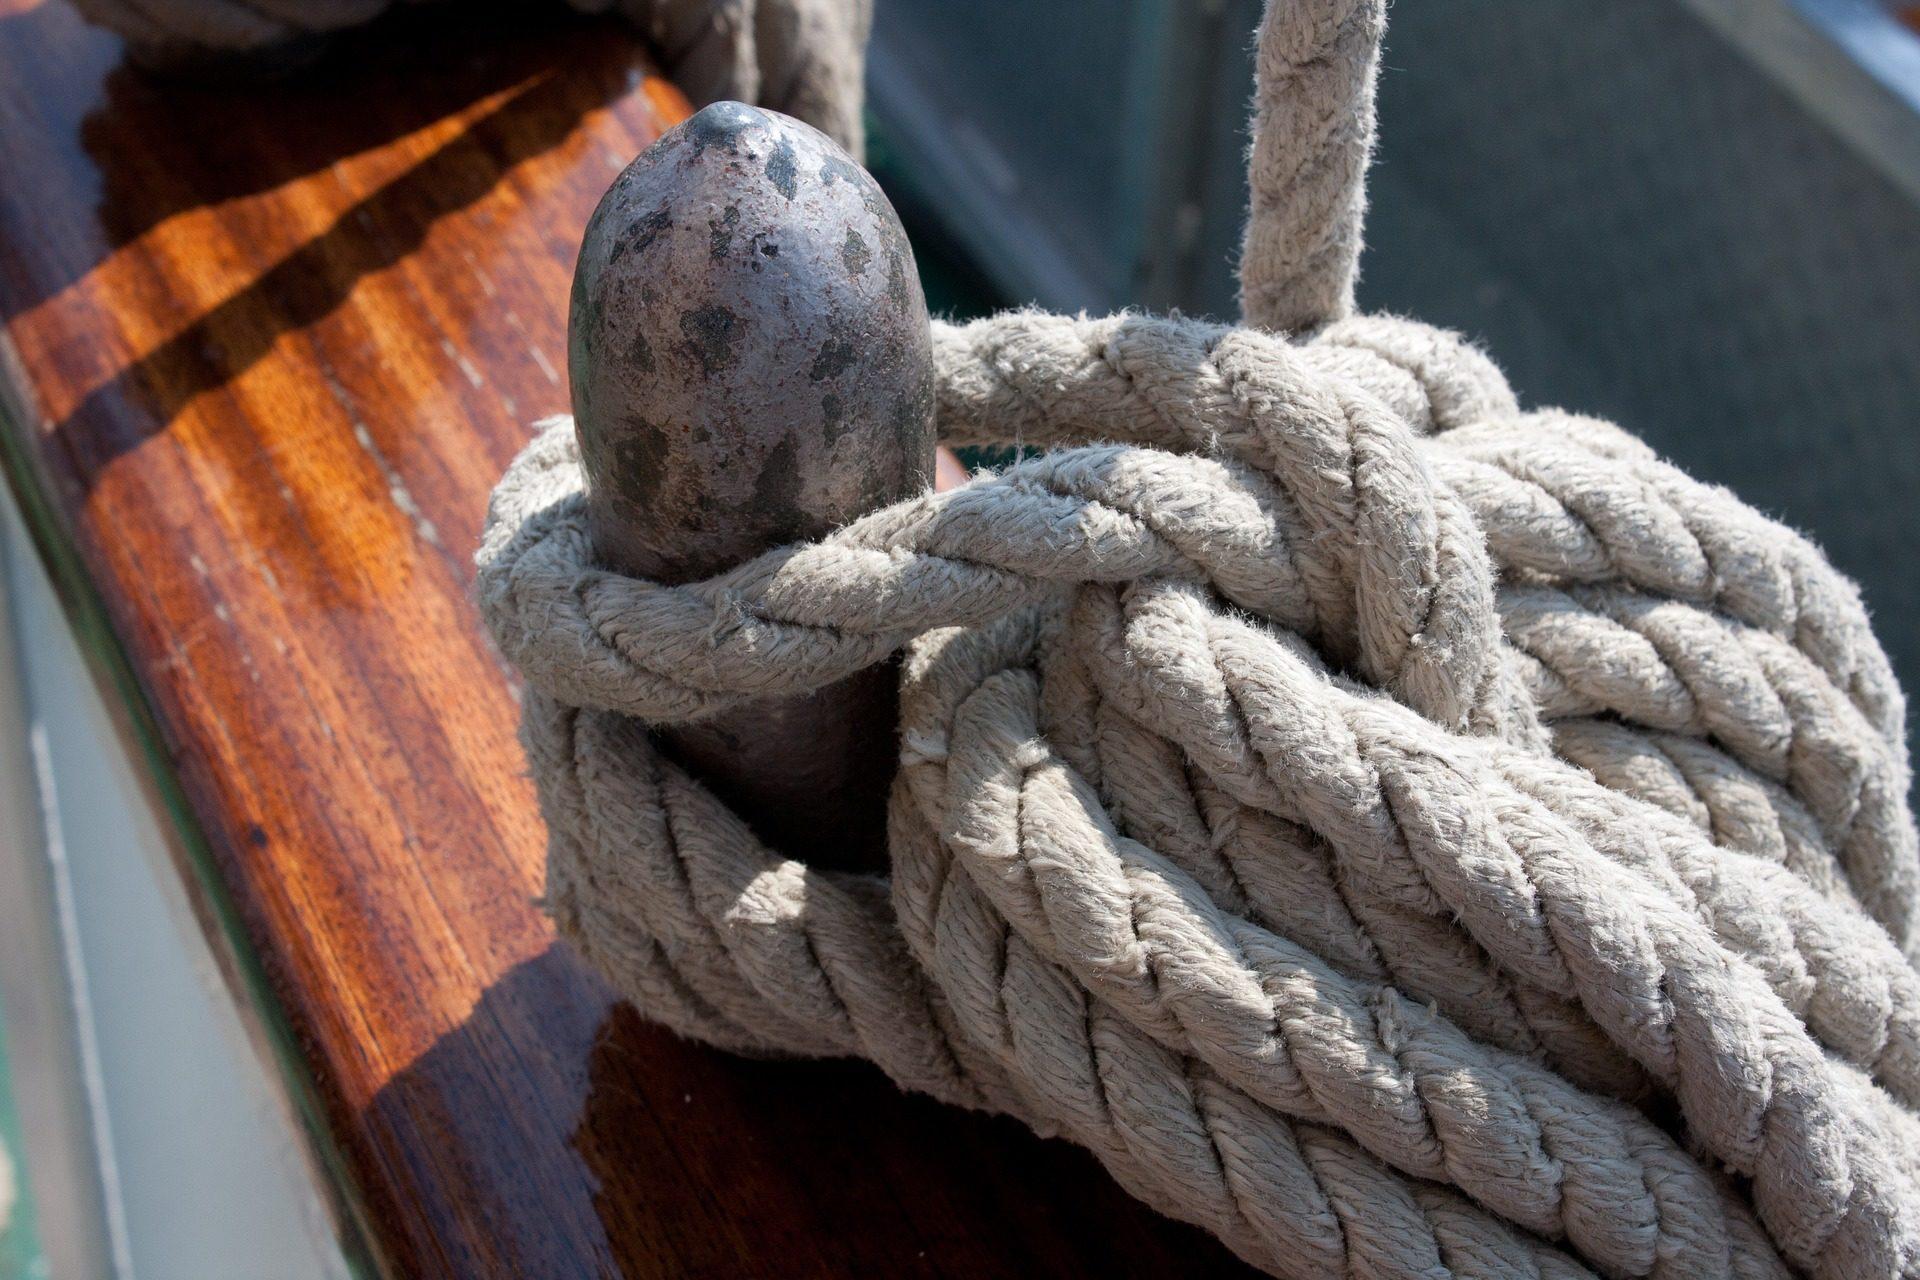 corde, nœud, port, attelage de remorque, bateau - Fonds d'écran HD - Professor-falken.com